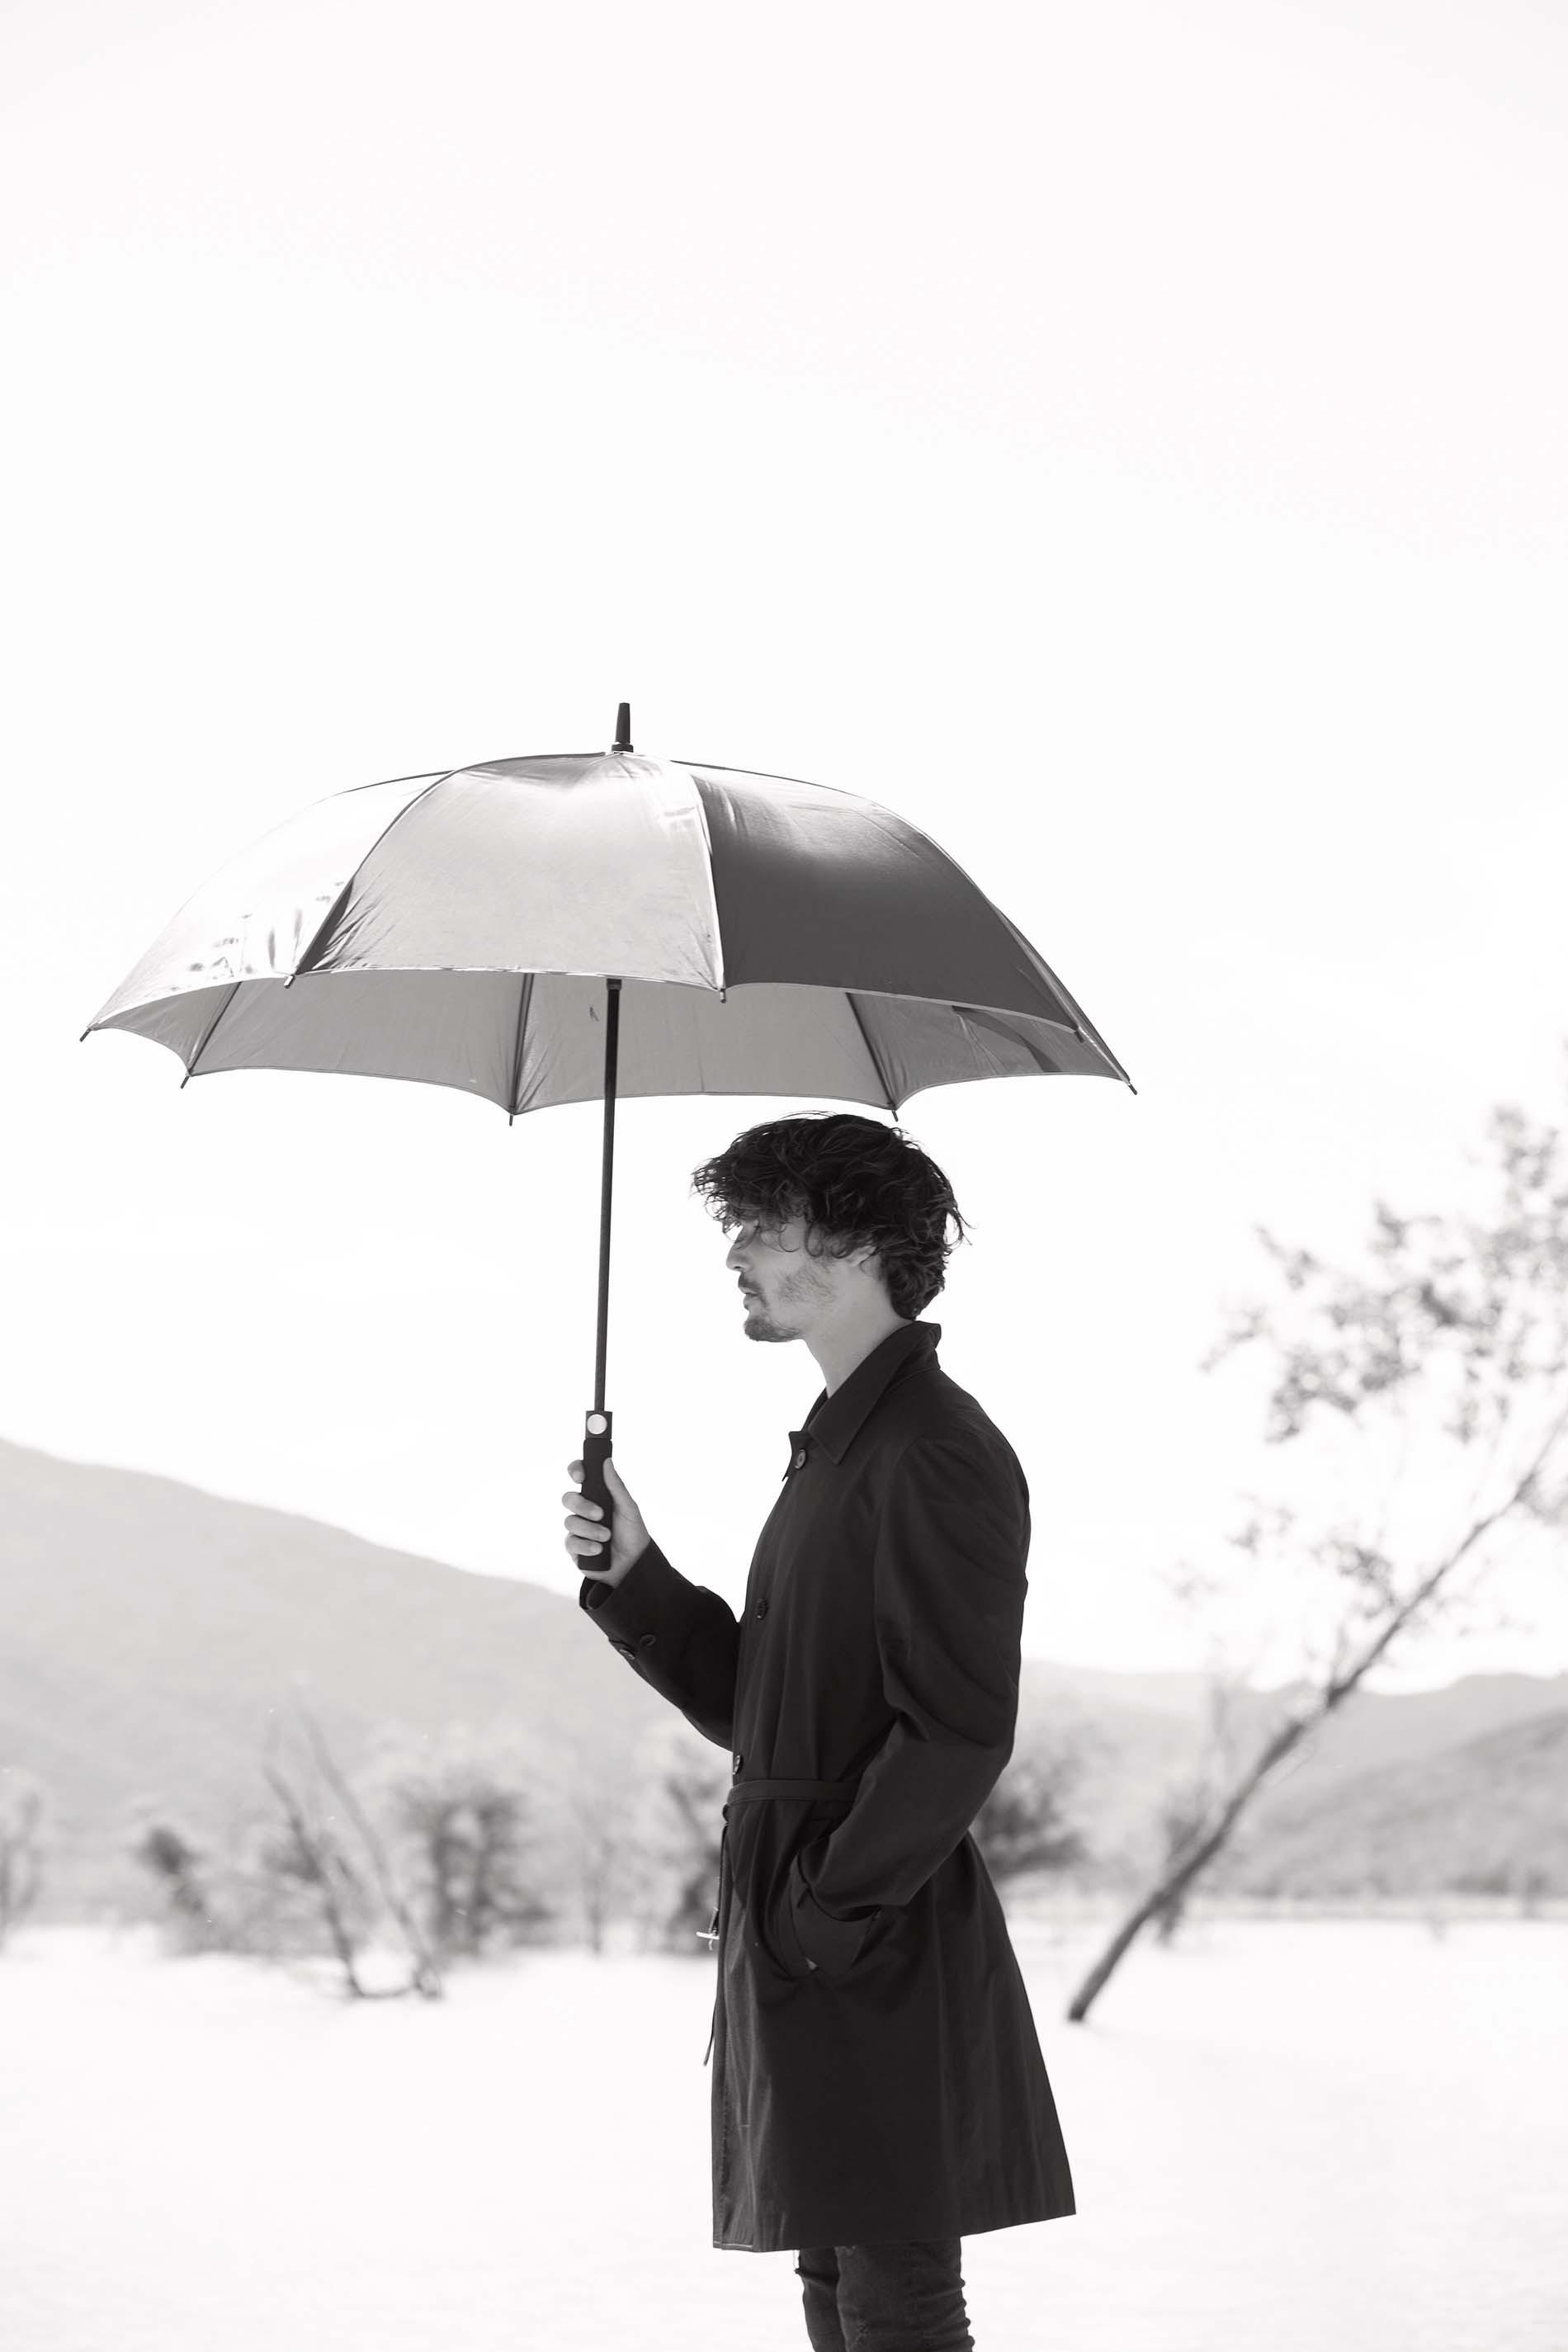 Parapluie personnalisé | Mes Tenues Perso